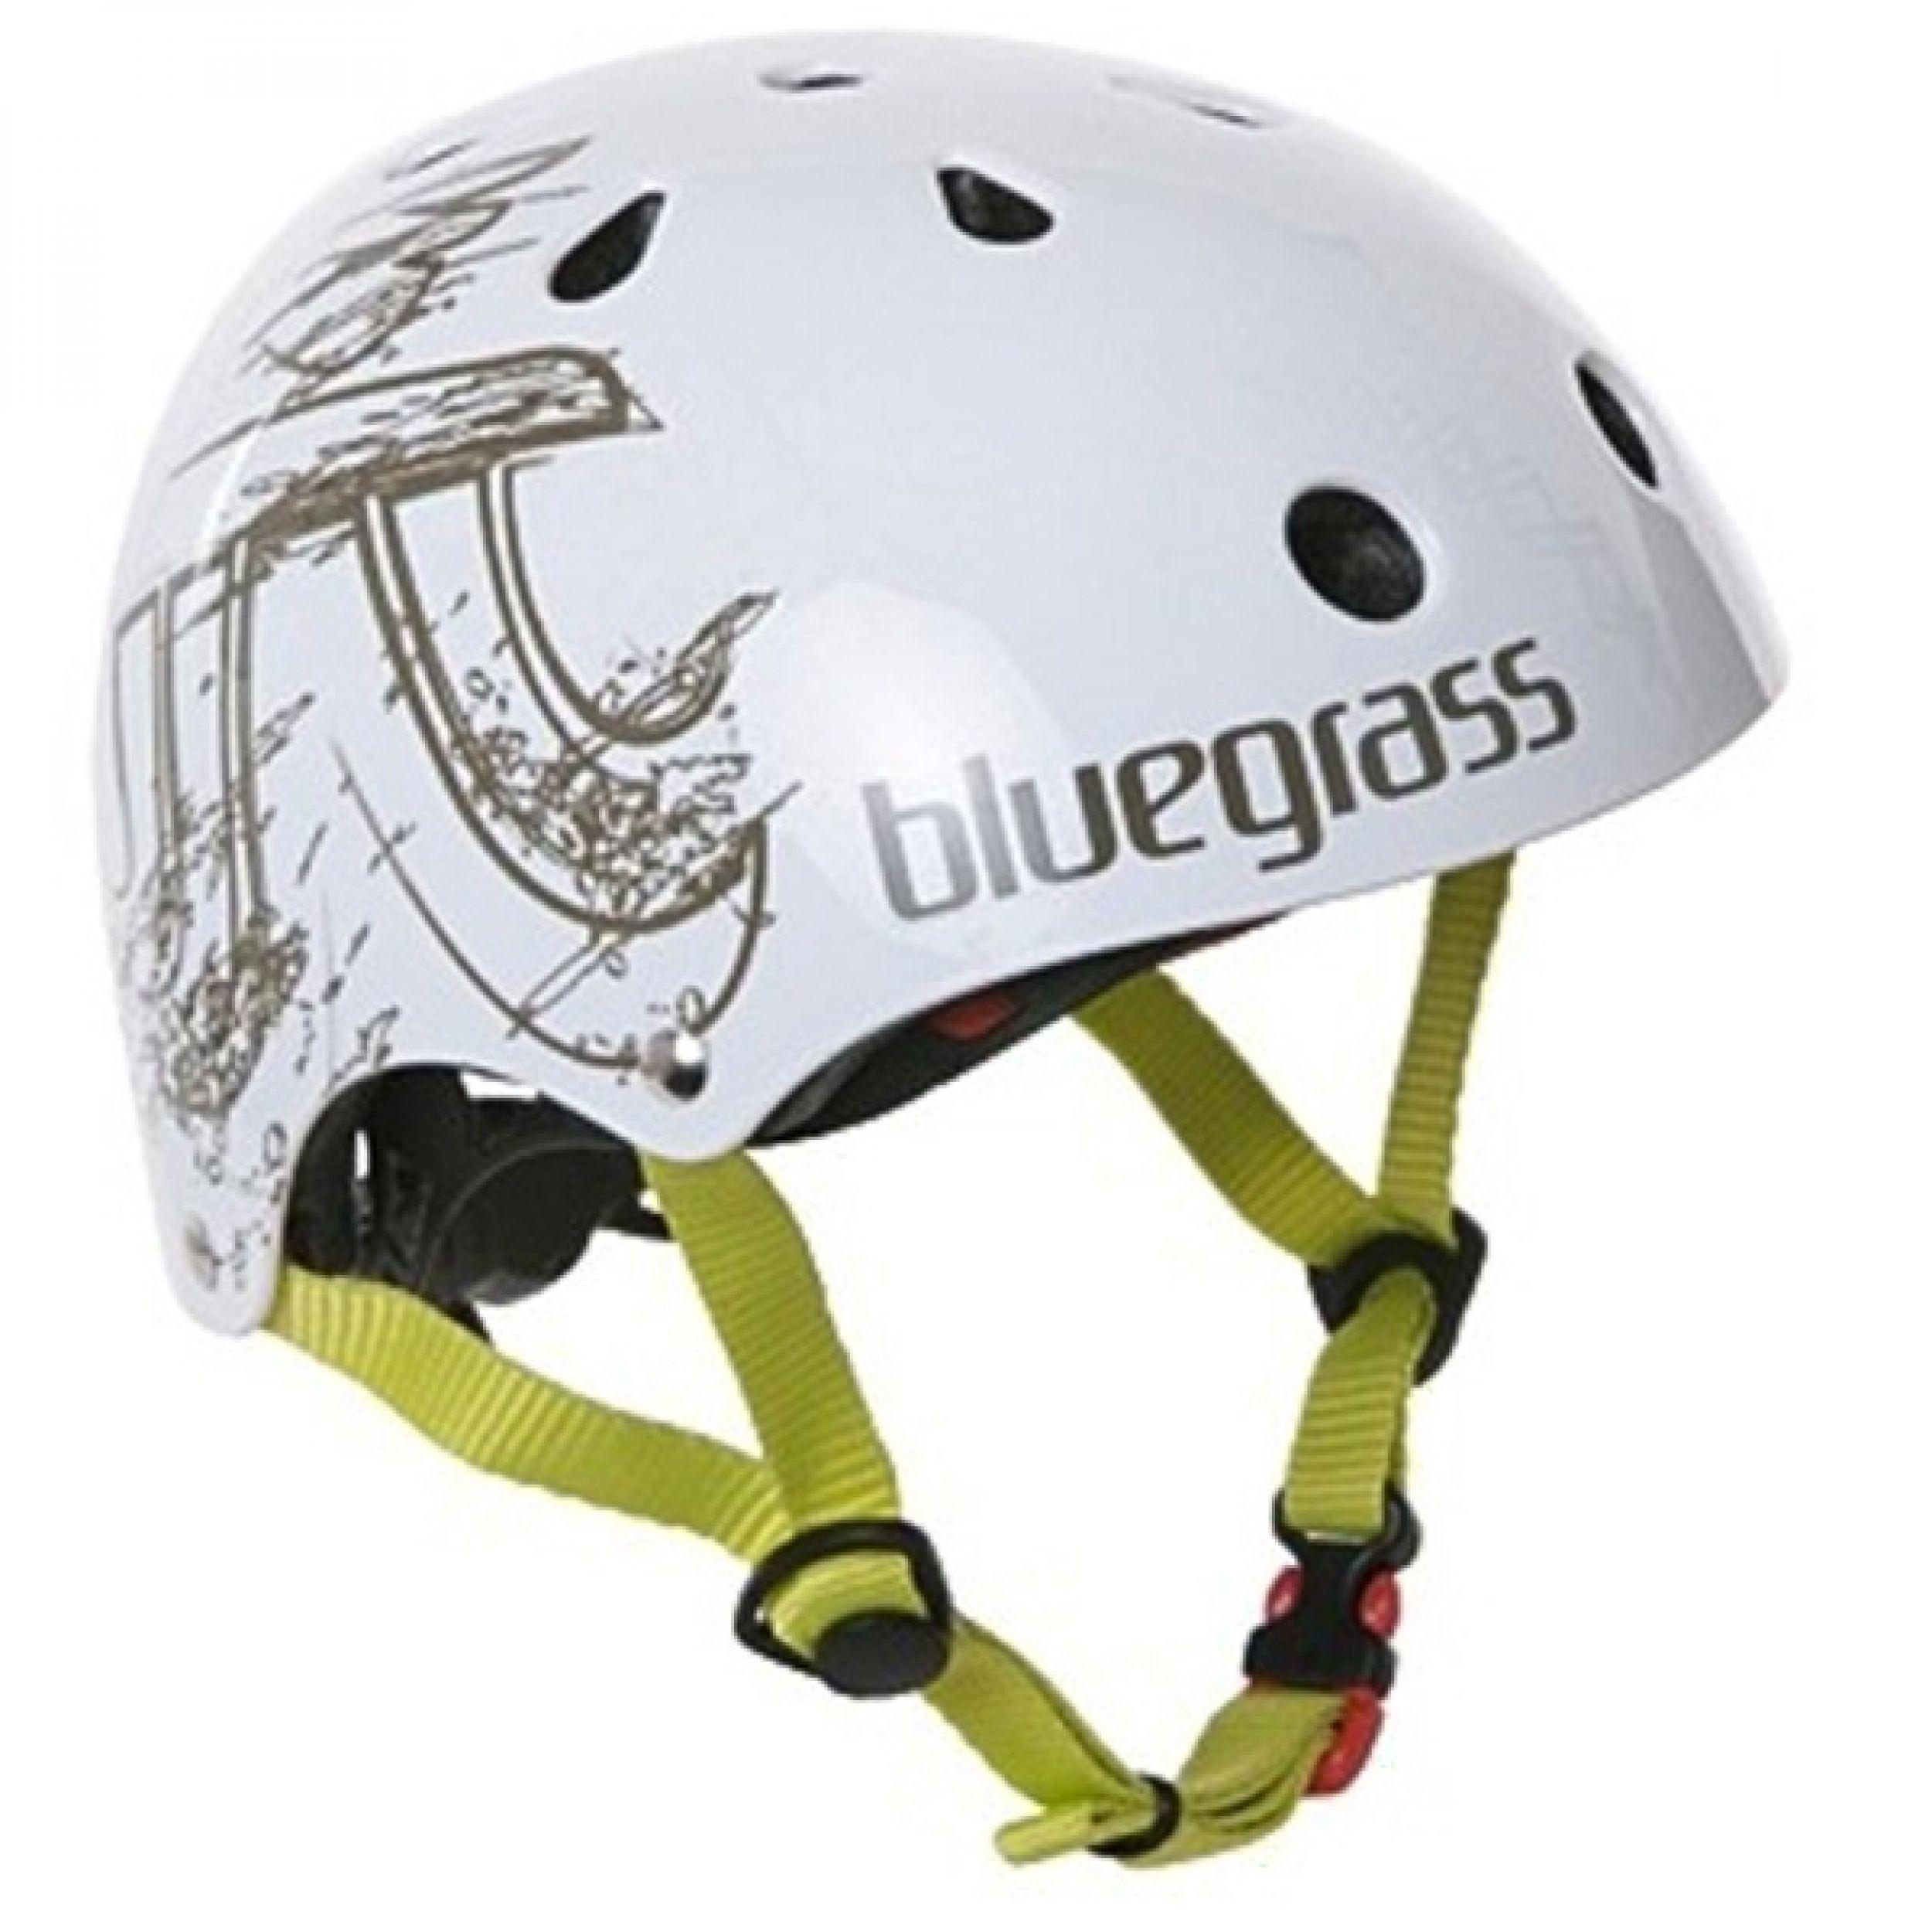 Bluegrass_Bold_Large_Logo_Skate_Helmet_2011.jpg